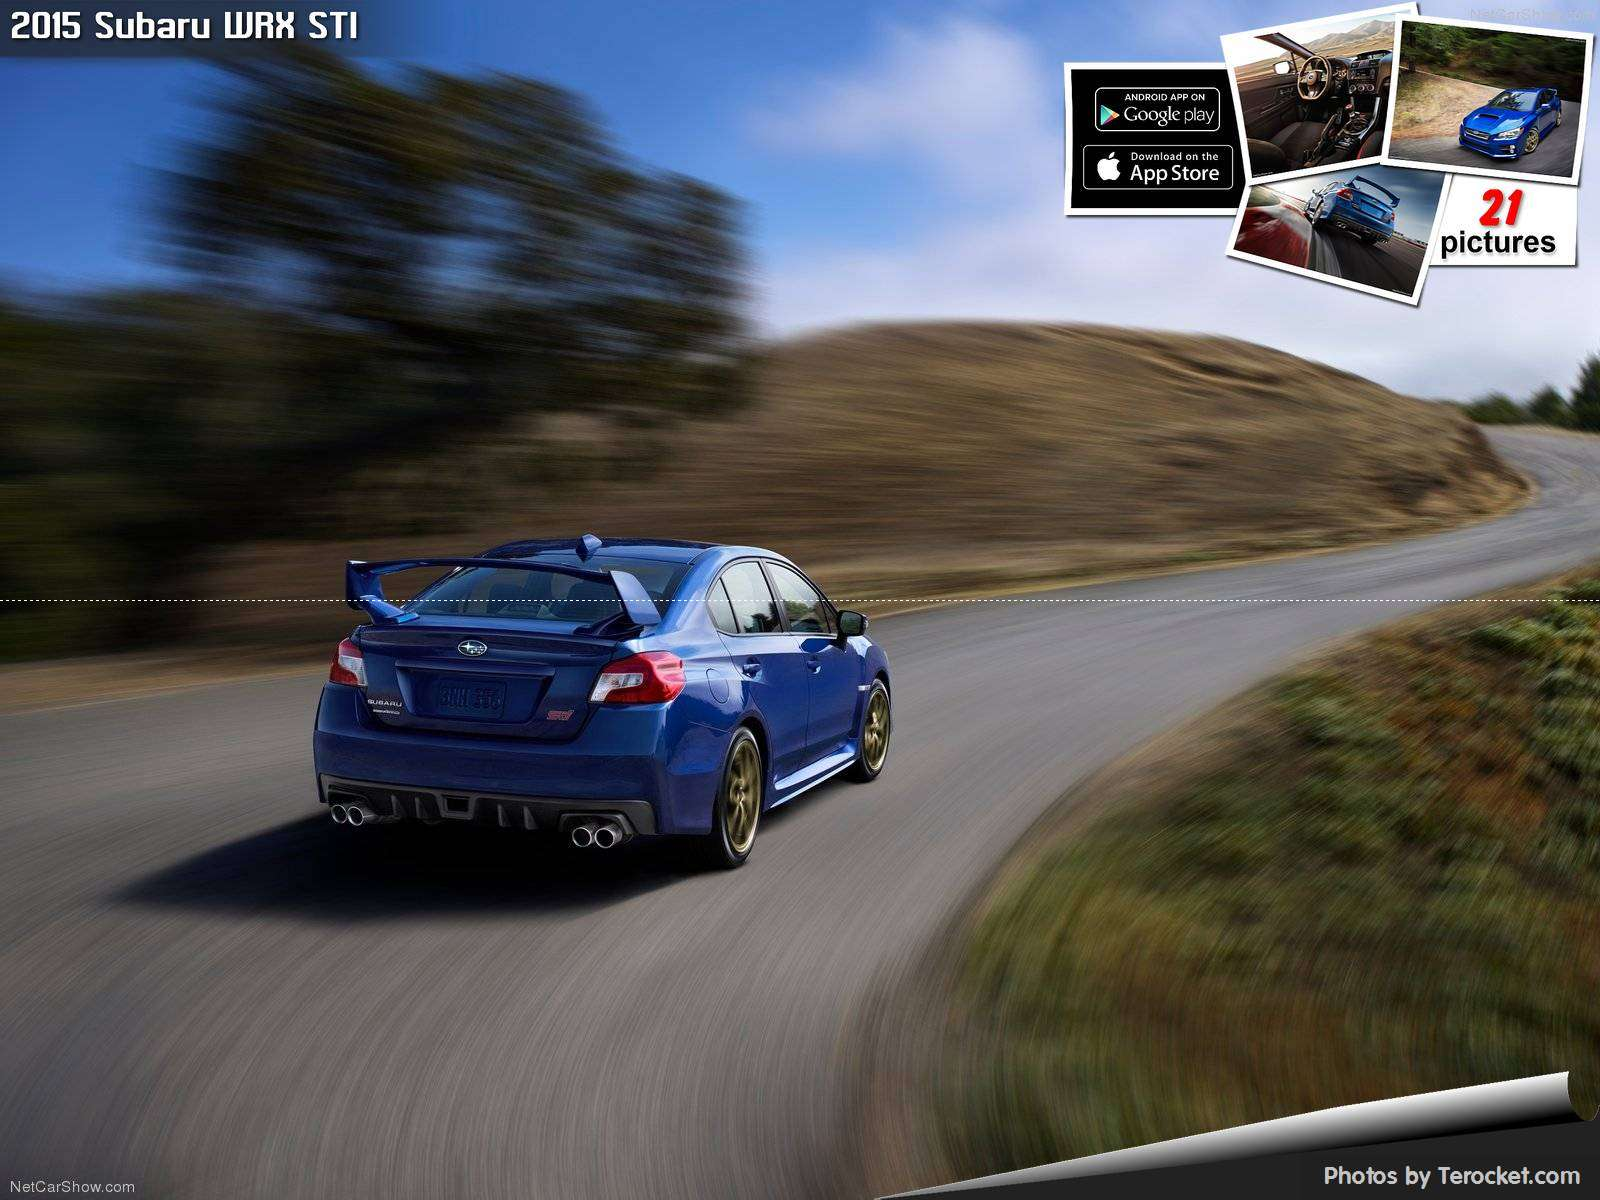 Hình ảnh xe ô tô Subaru WRX STI 2015 & nội ngoại thất